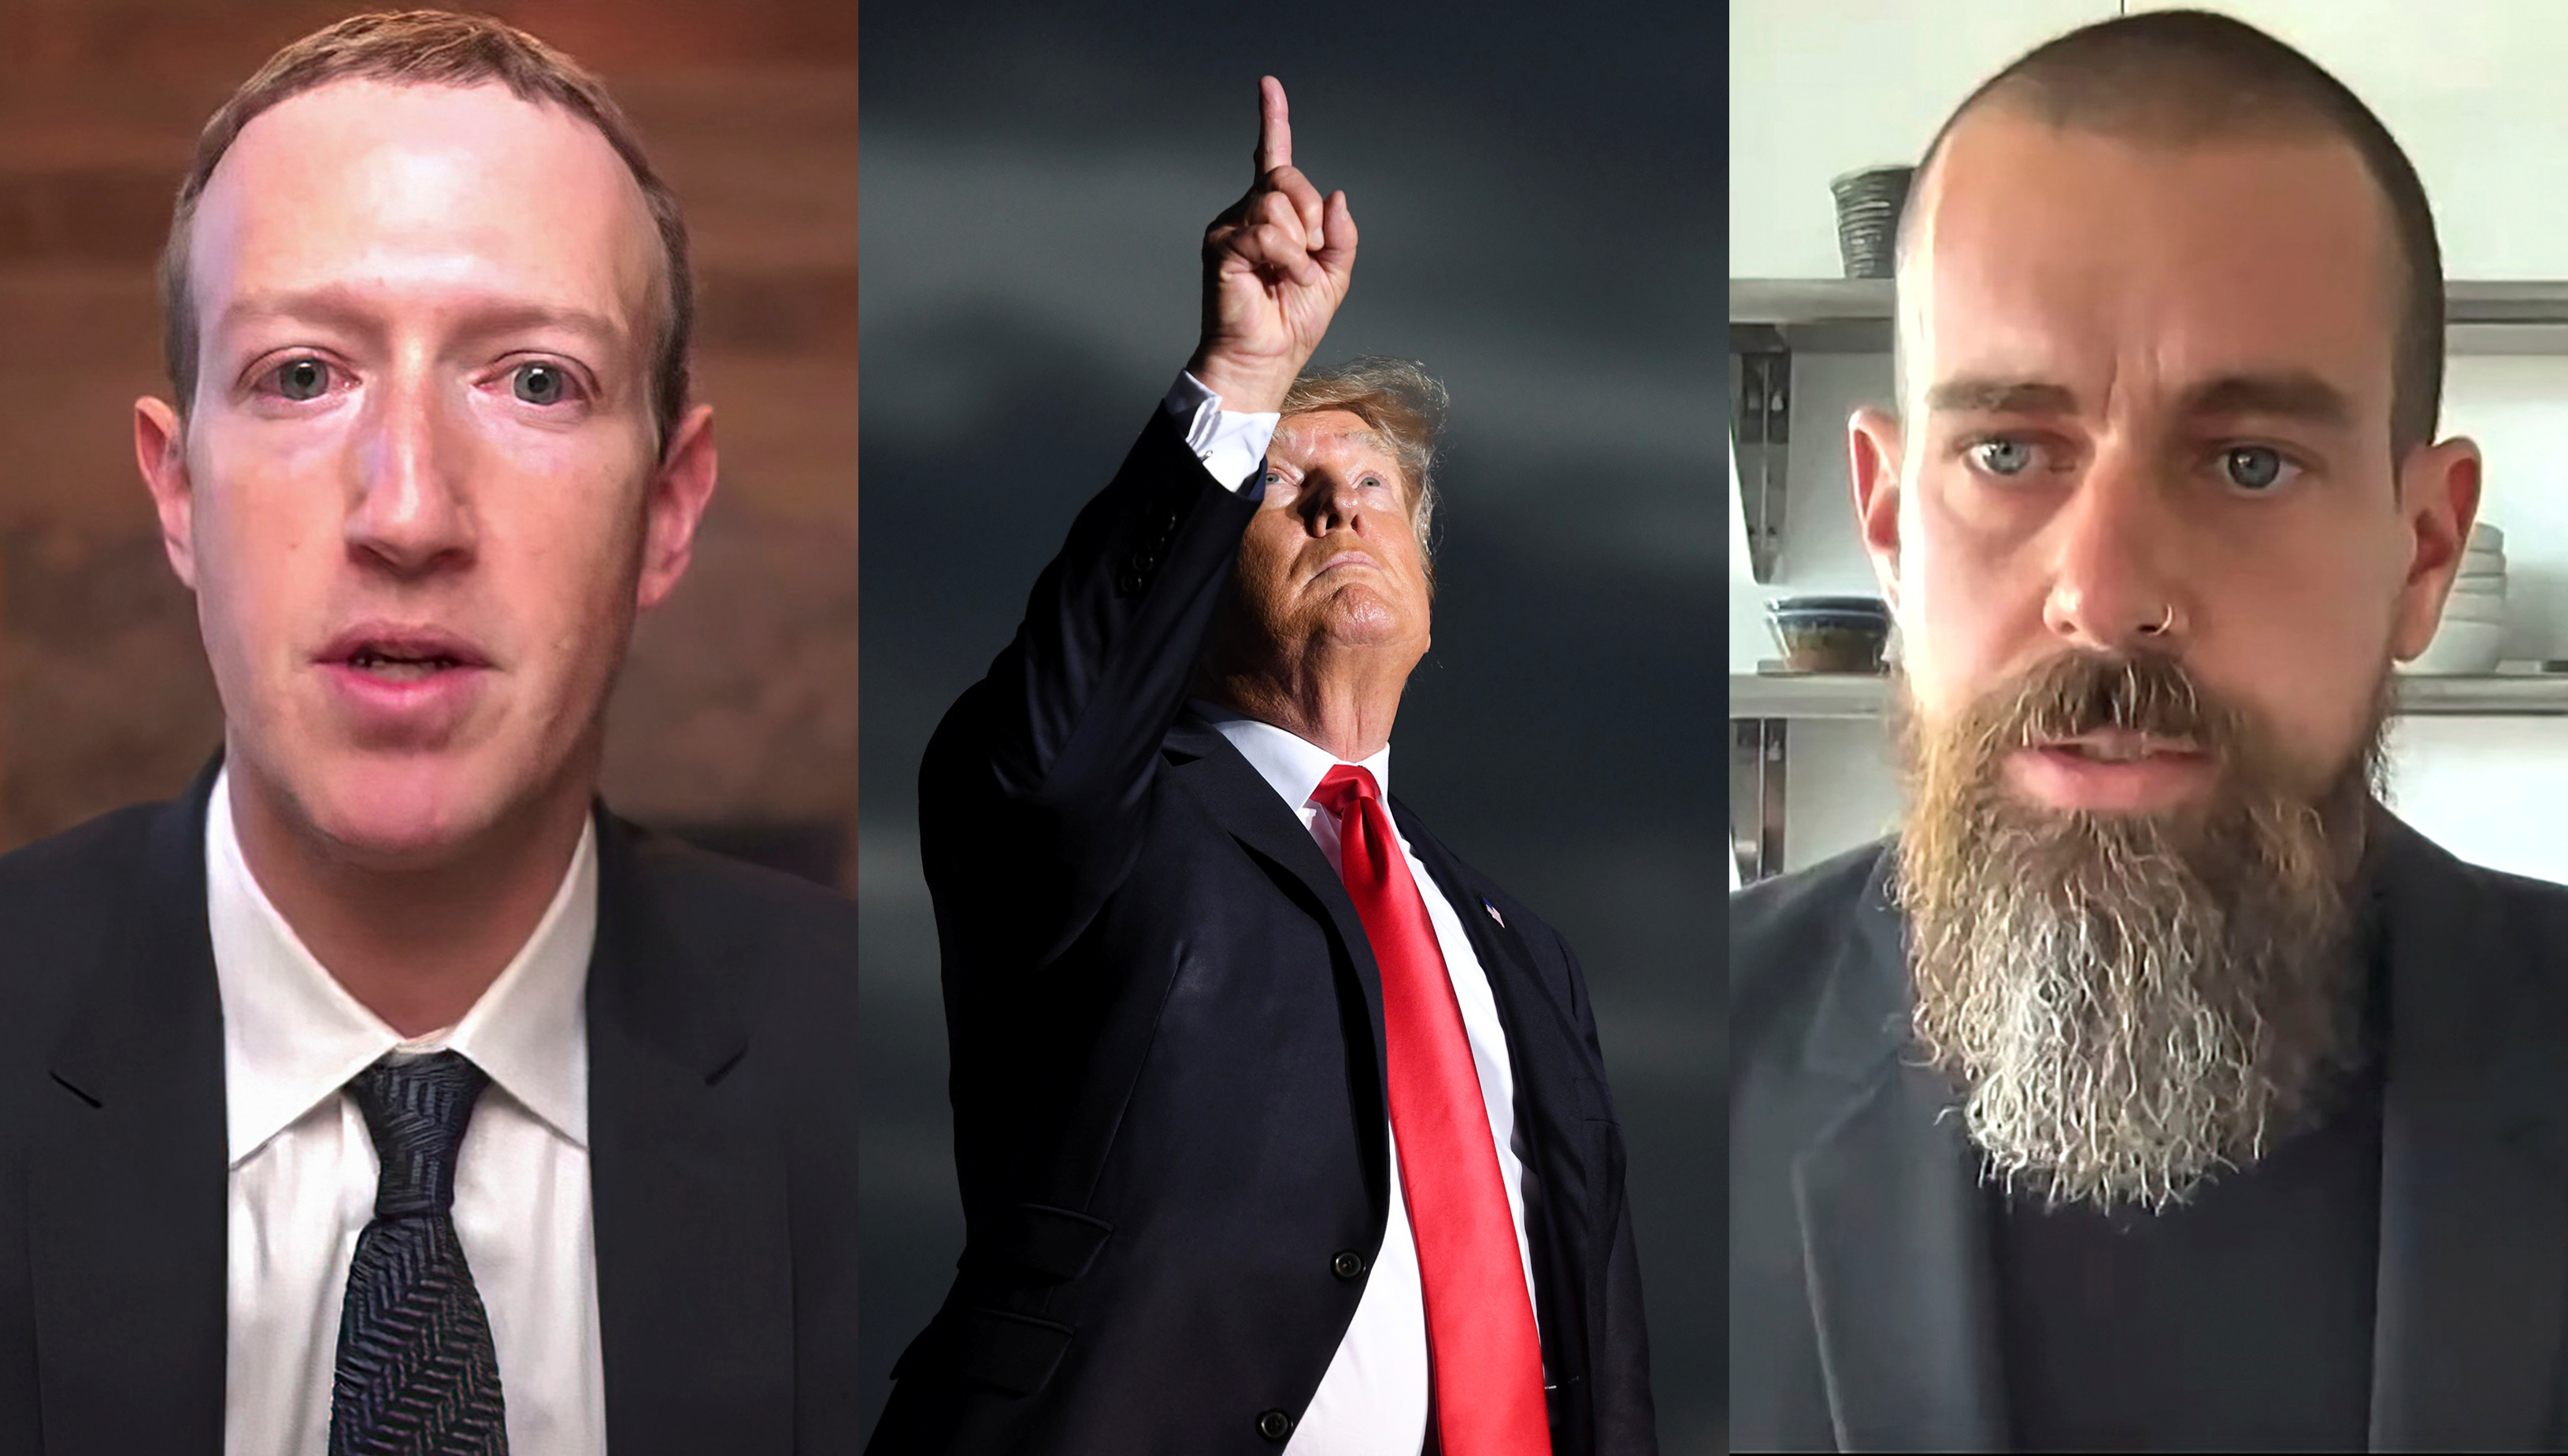 Donald Trump îi dă în judecată pe Mark Zuckerberg și Jack Dorsey, CEO-ul Twitter